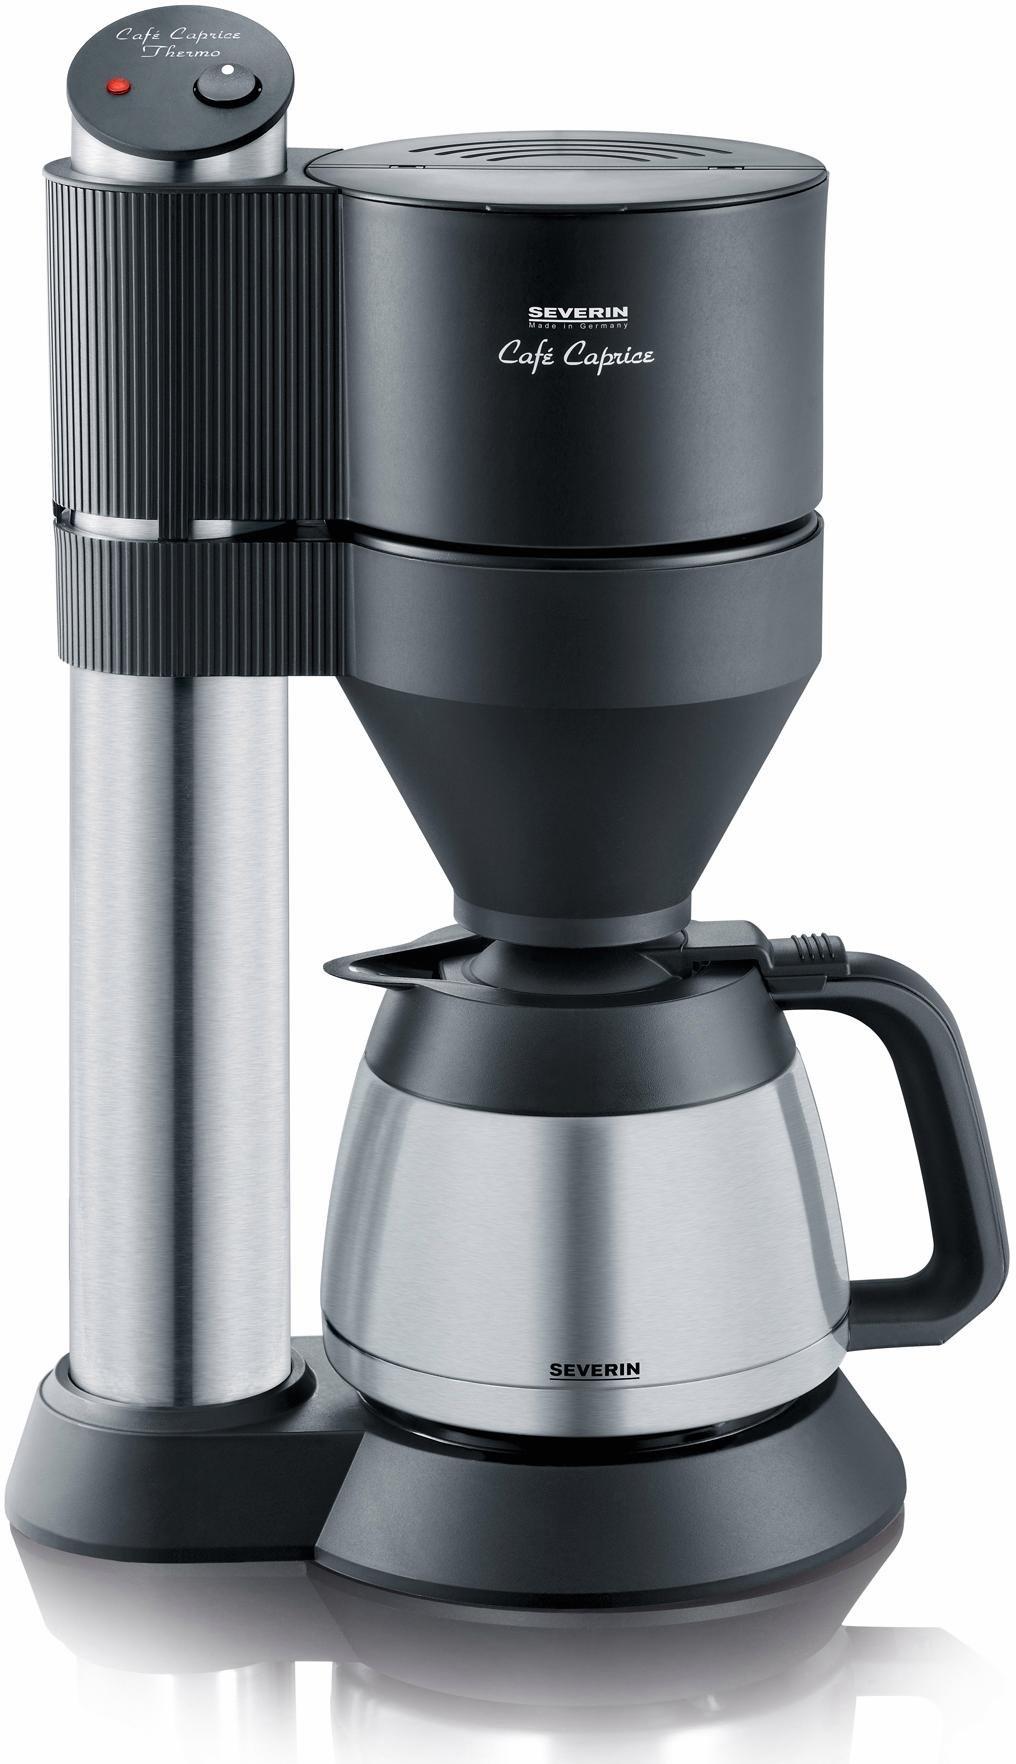 Severin Koffiezetapparaat KA 5743, met thermoskan, edelstaal/zwart goedkoop op otto.nl kopen